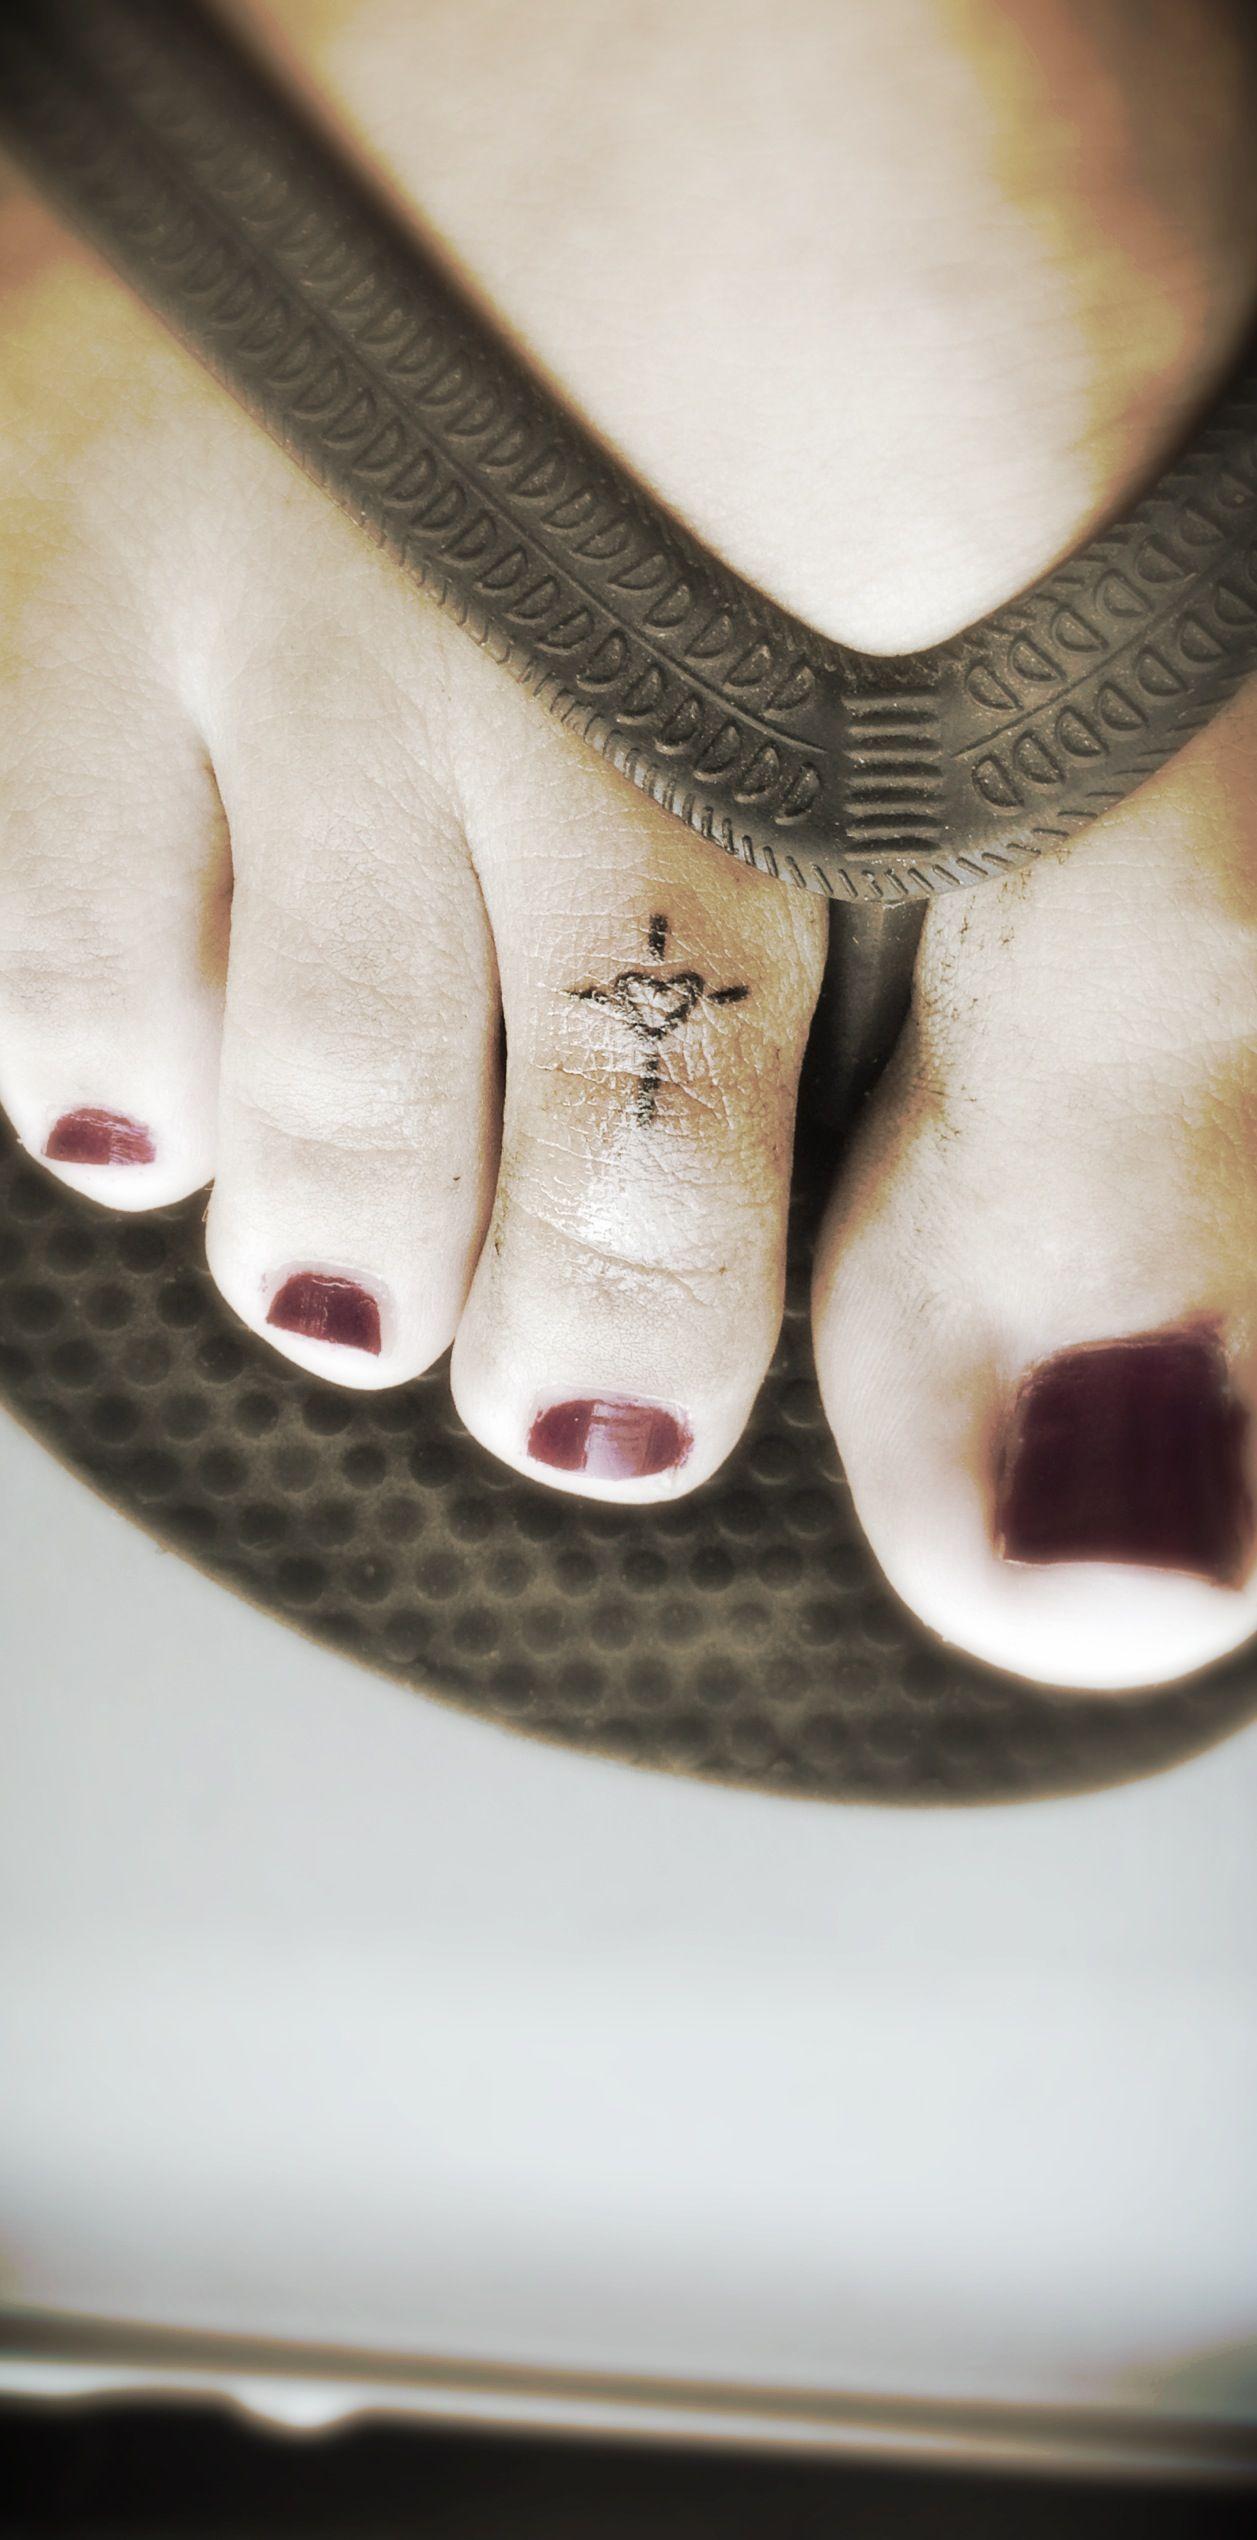 tattoo cross heart Toe ring tattoos, Toe tattoos